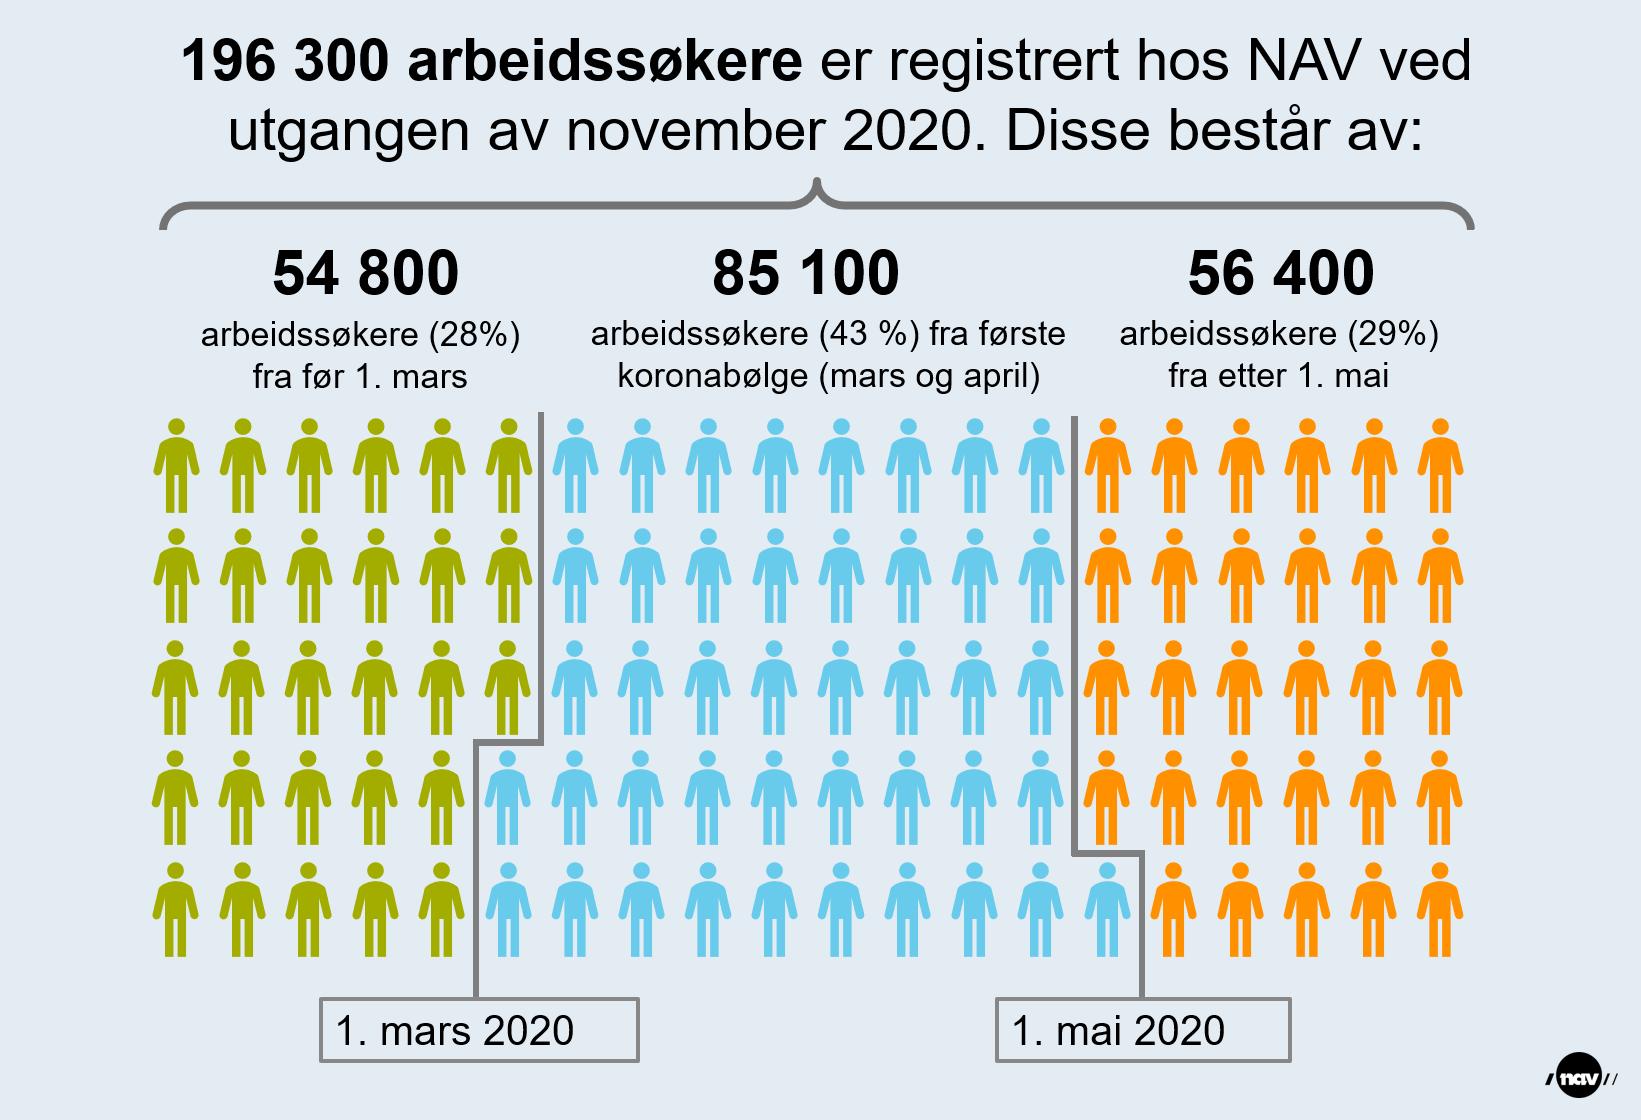 Infografikk som viser hvor lenge de 196 300 arbeidssøkerne registrert hos NAV ved utgangen av november 2020 har vært arbeidsledige